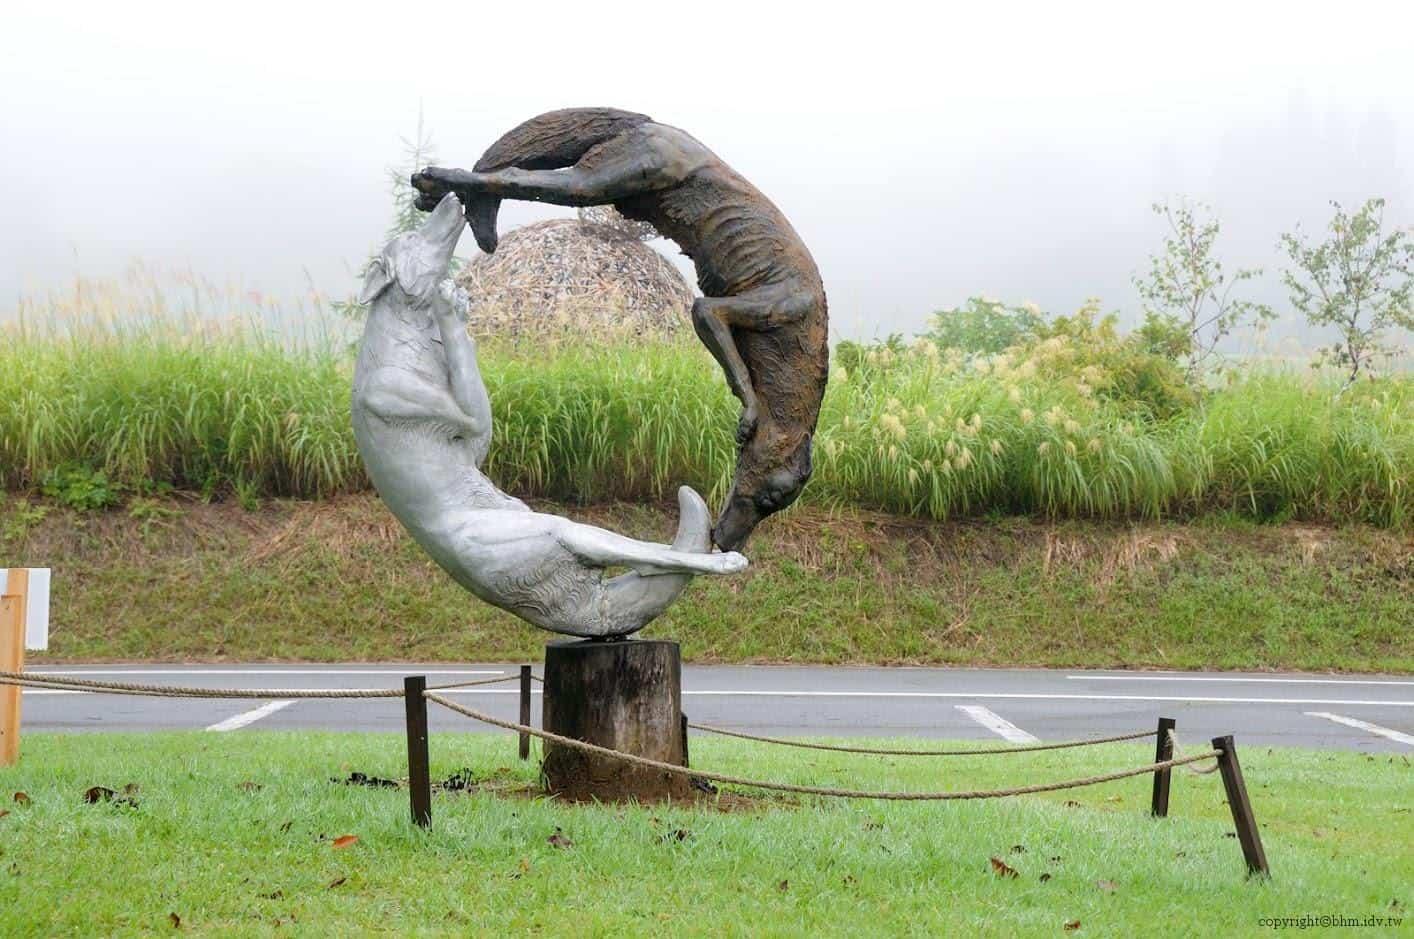 不知如何形容的狗咬狗繞圈圈@里山藝術動物園 里山藝術動物園 里山藝術動物園 satoyama art zoo 03